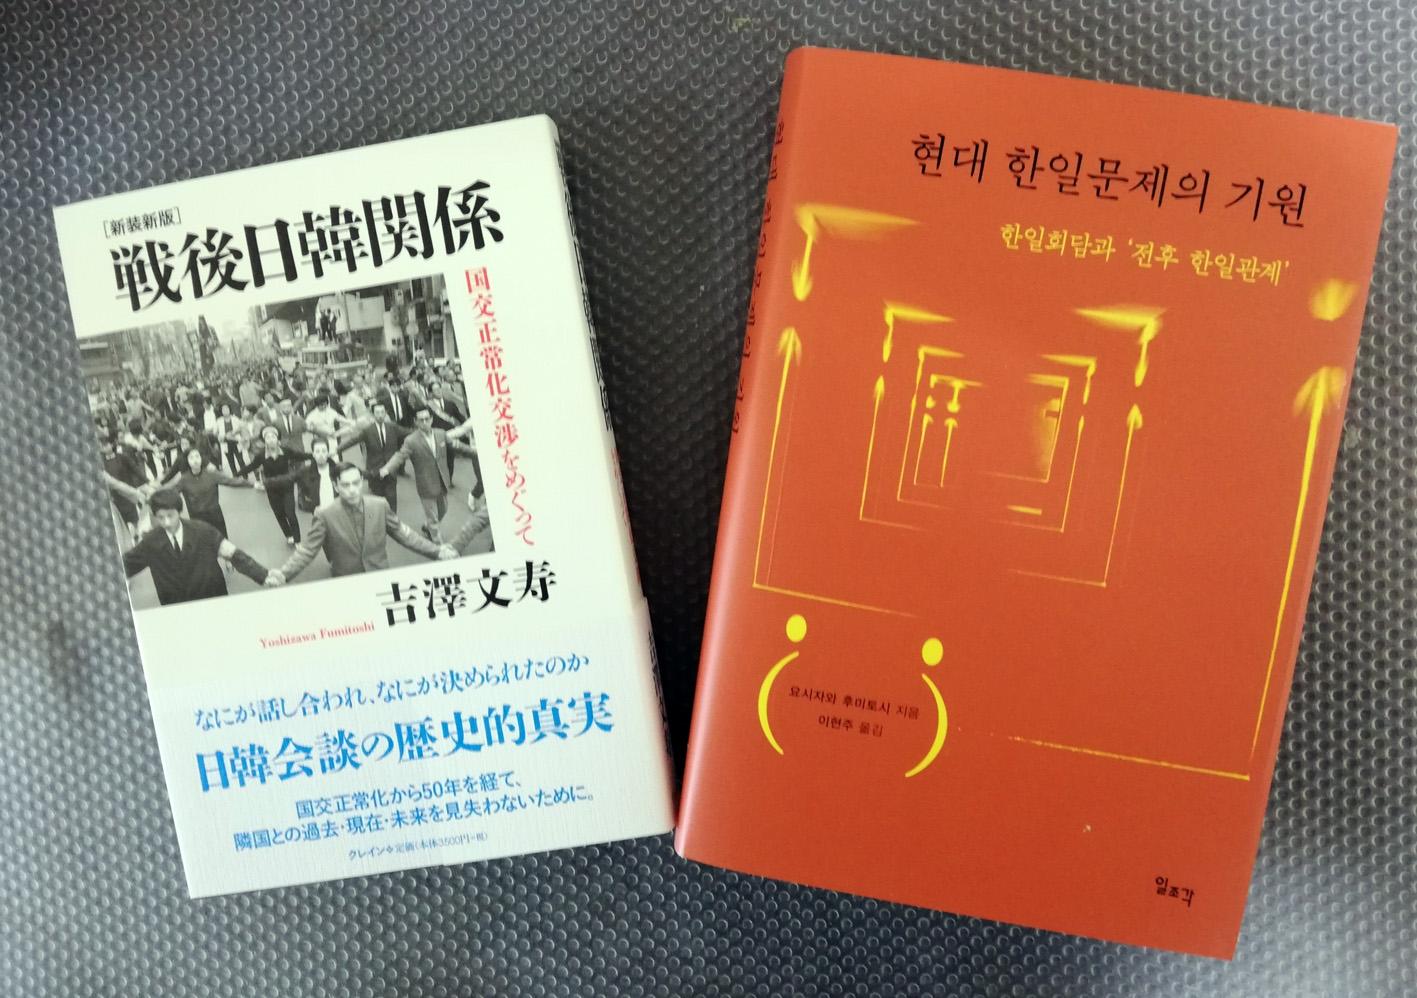 『戦後日韓関係』の韓国語版が刊行されました。